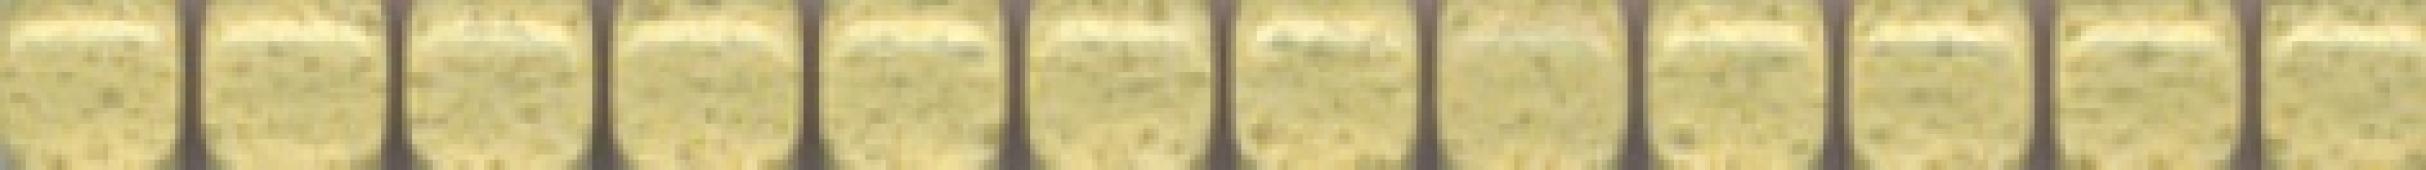 POF005 Карандаш Бисер желтый 20*1.4 бордюр